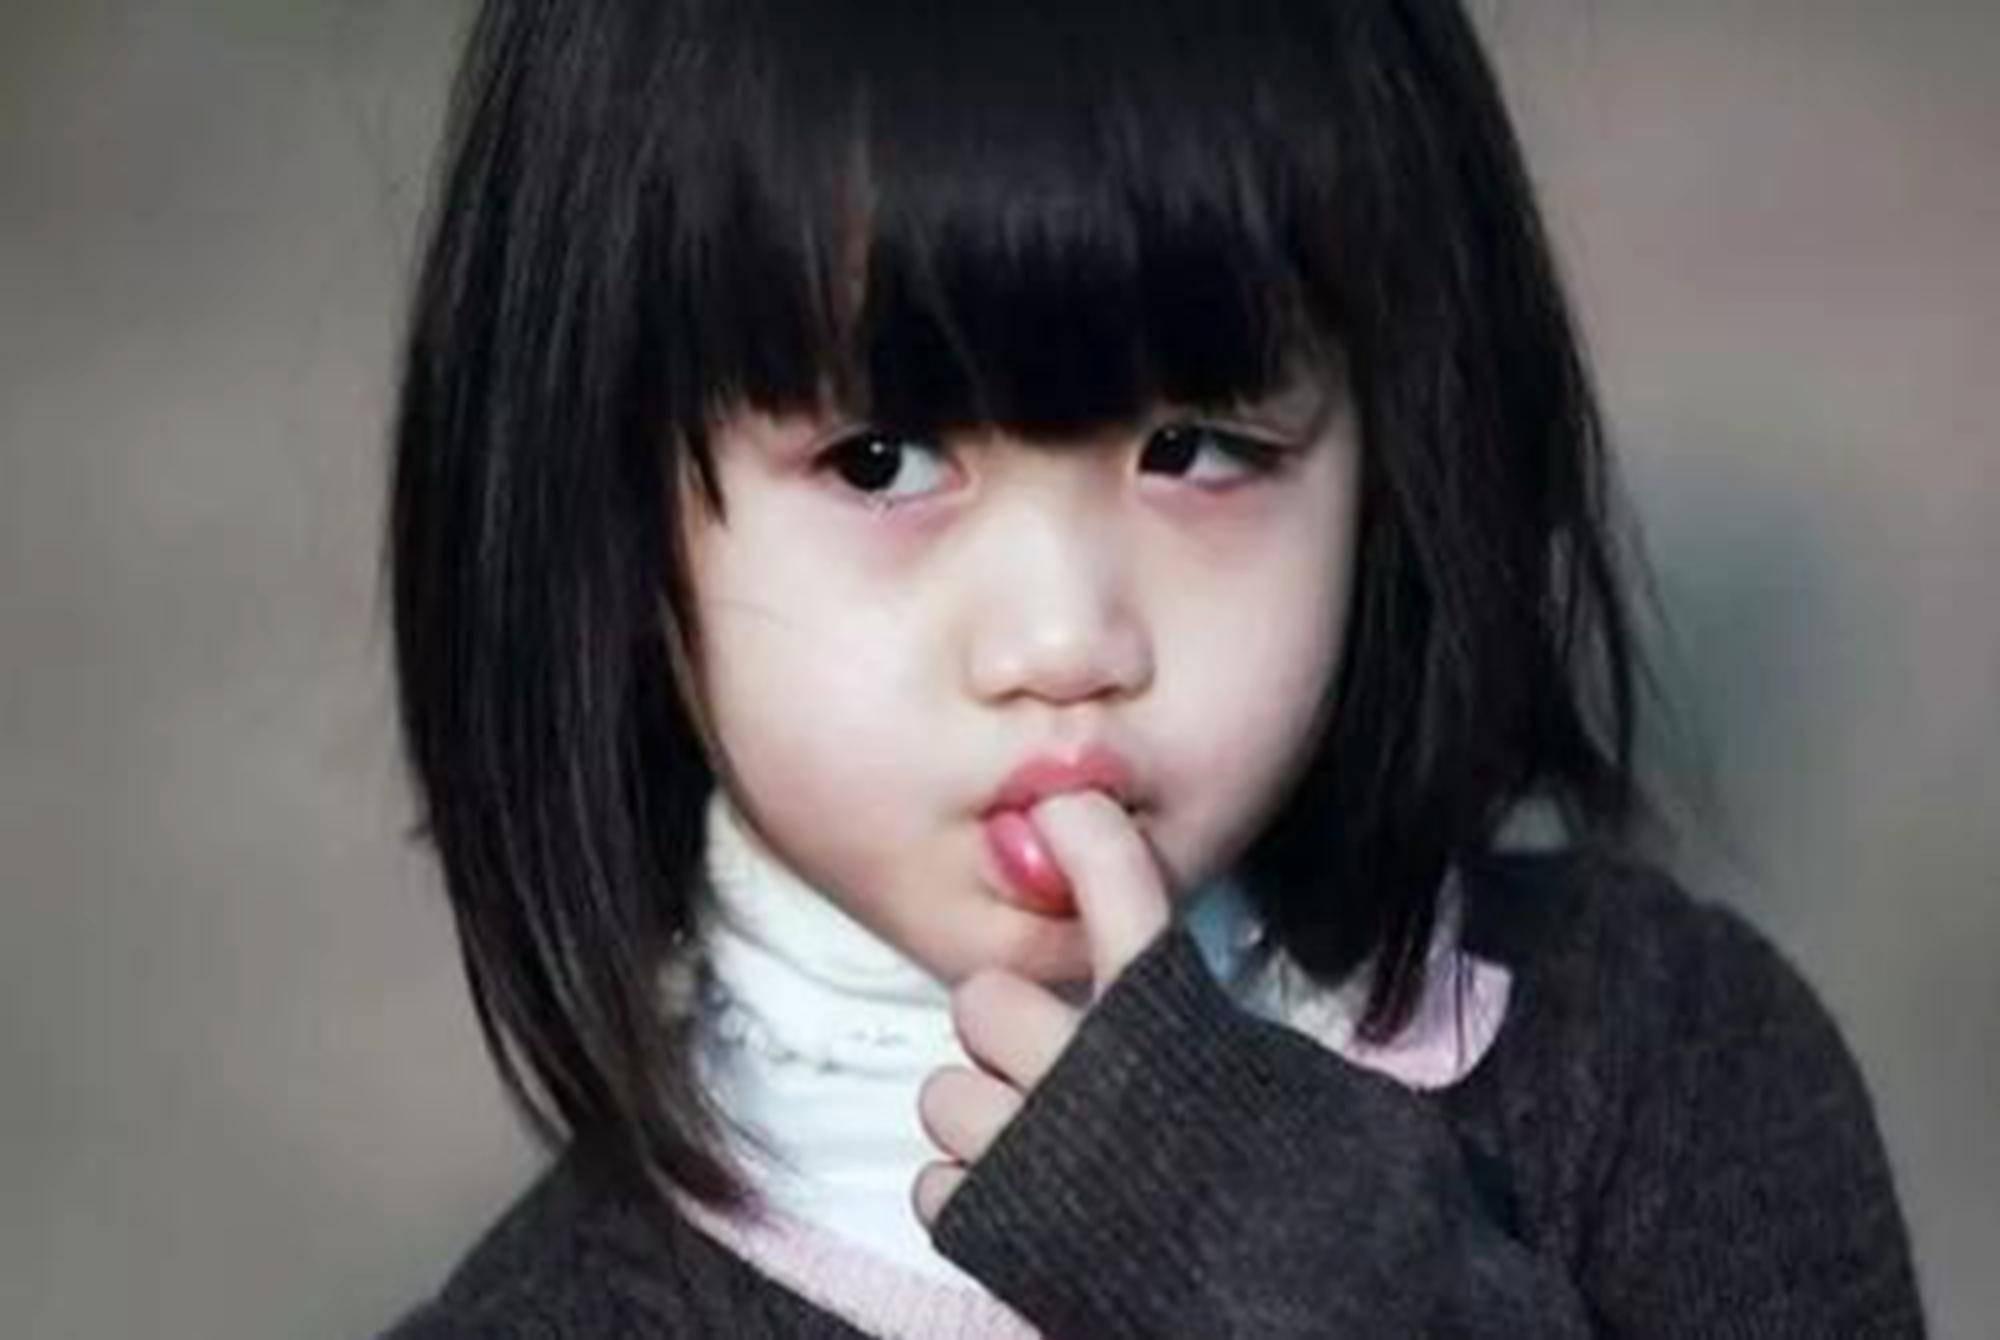 """从小喜欢""""舔手指""""的娃,通常难逃两种""""下场"""",家长别不放心上"""